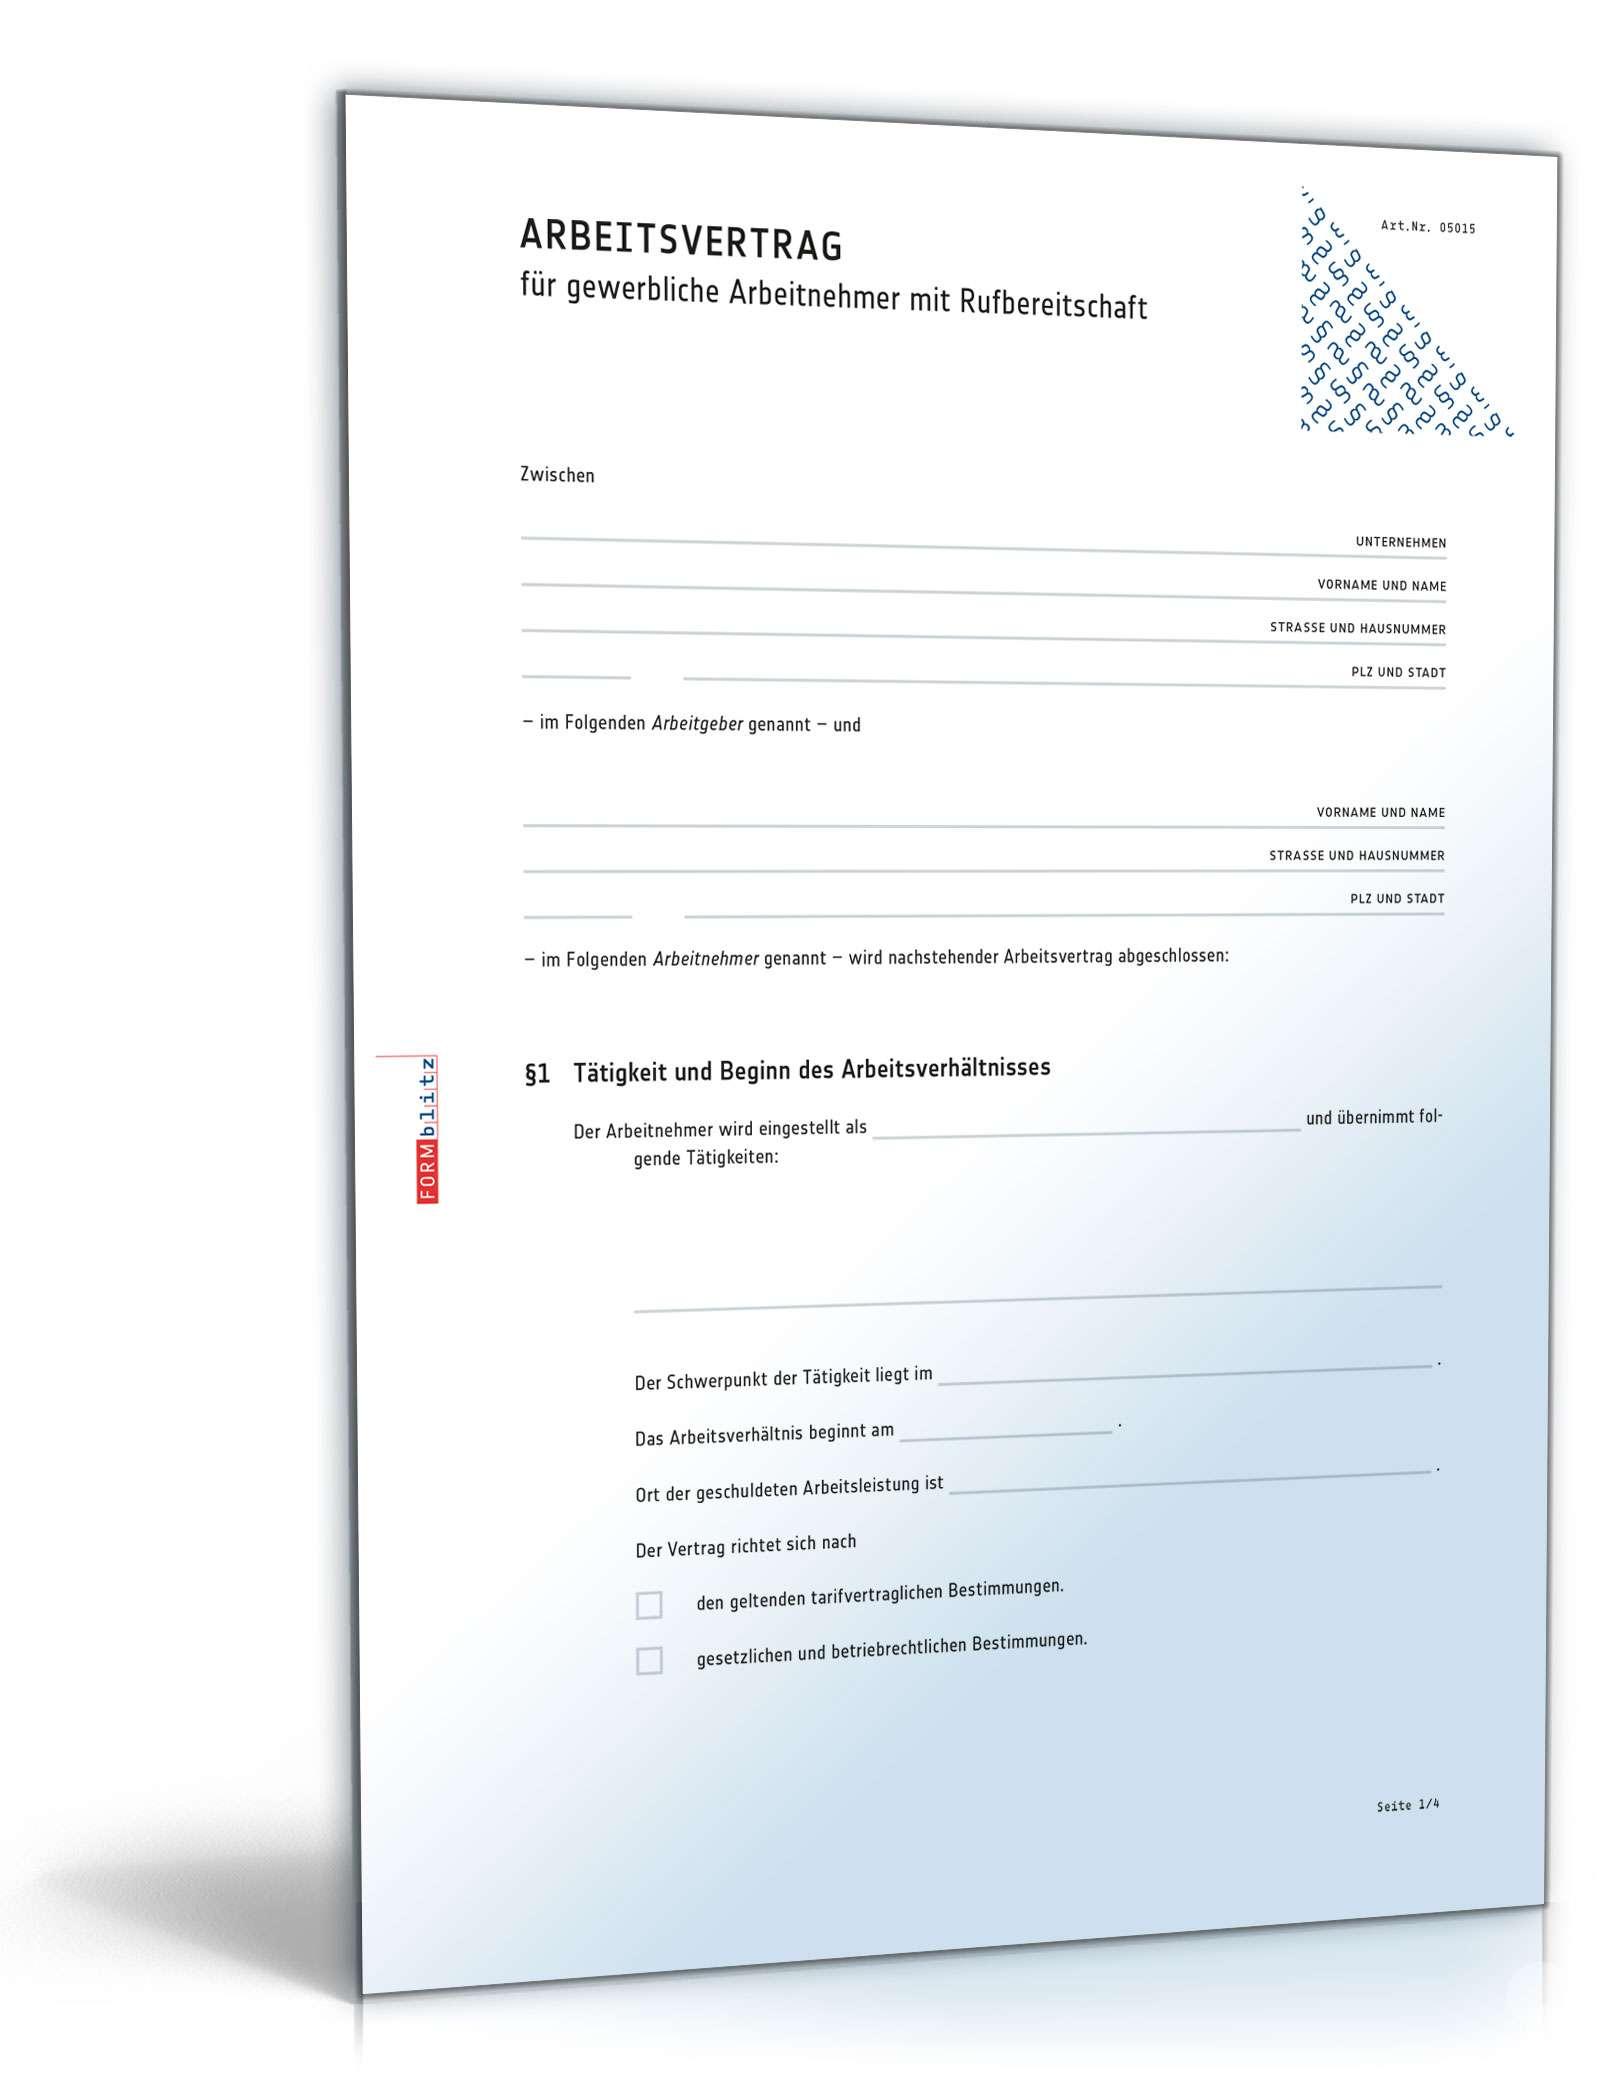 Arbeitsvertrag Rufbereitschaft Muster Zum Download